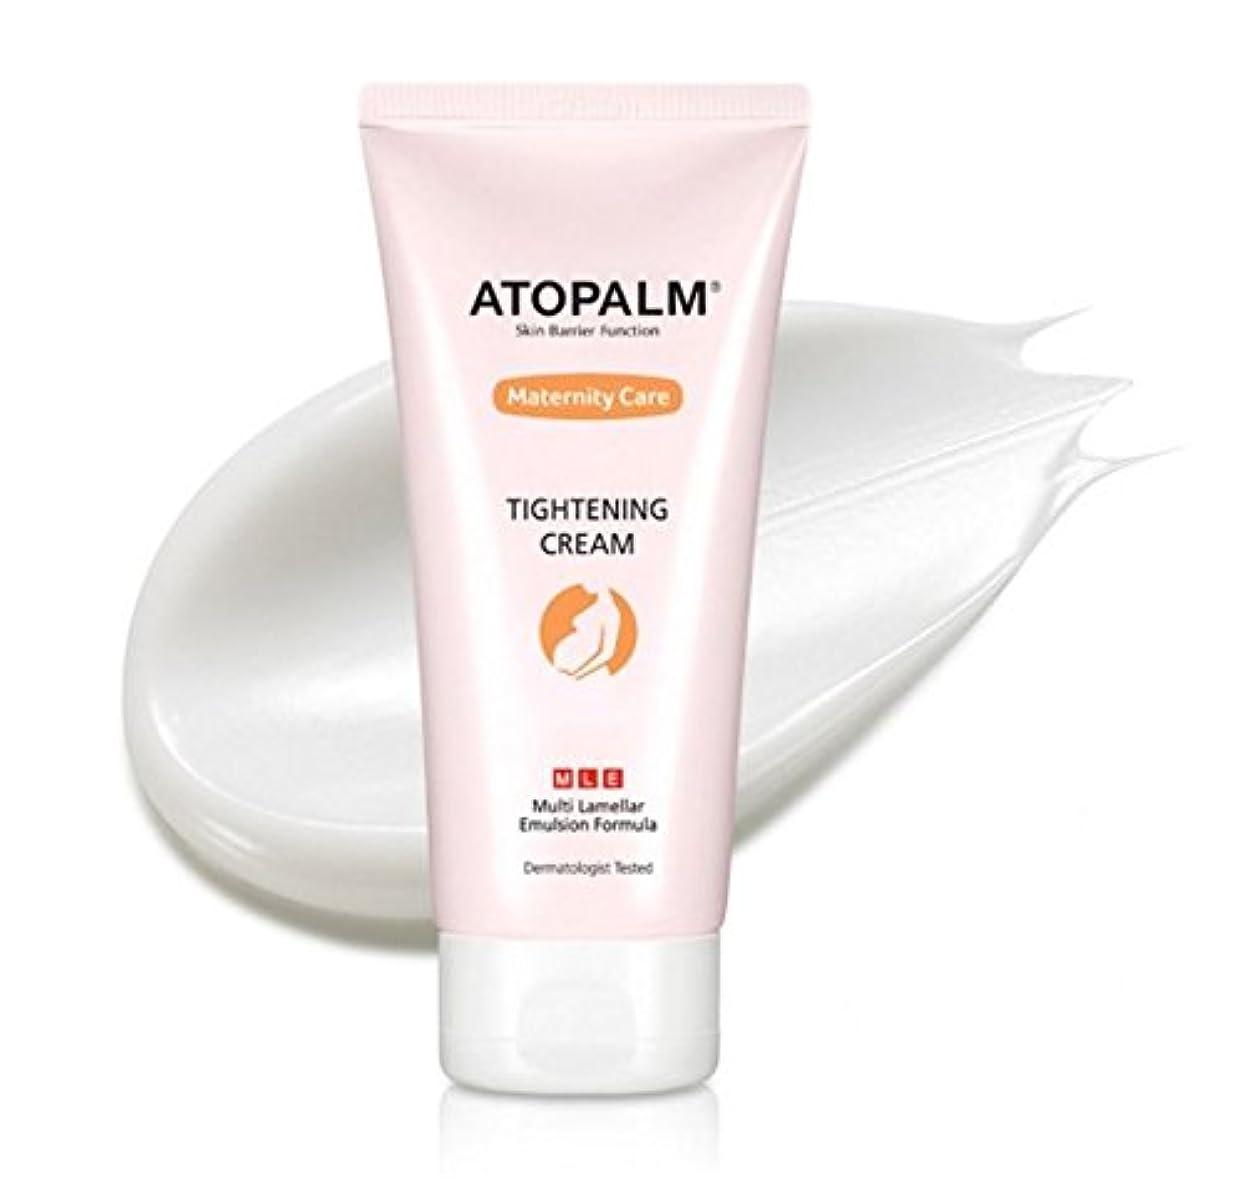 好み腐敗した義務ATOPALM Maternity Care Tightening Cream 150ml/アトパーム マタニティ ケア タイトニング クリーム 150ml [並行輸入品]